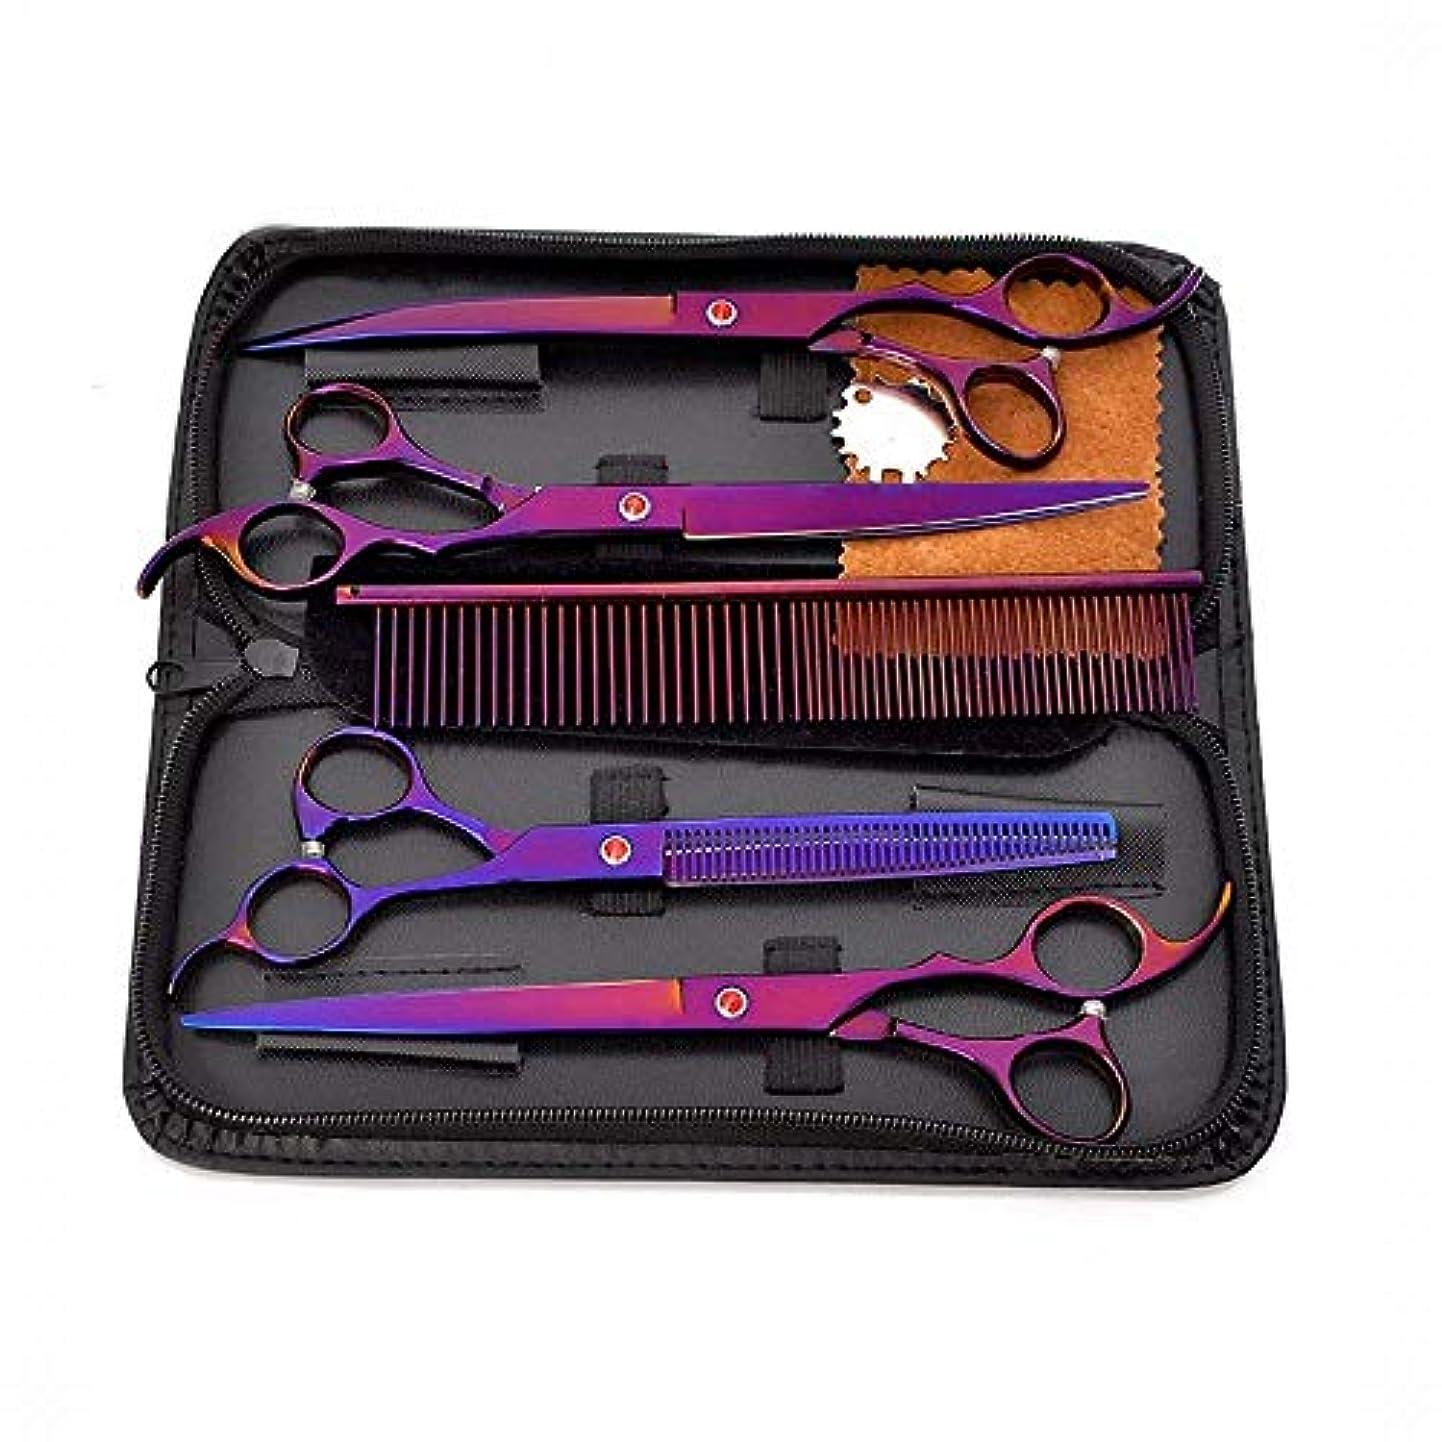 換気トリム帰る8インチペットグルーミングはさみセット4、ステンレス鋼パープルペットプロフェッショナル理髪フラットせん断+歯はさみセット ヘアケア (色 : 紫の)